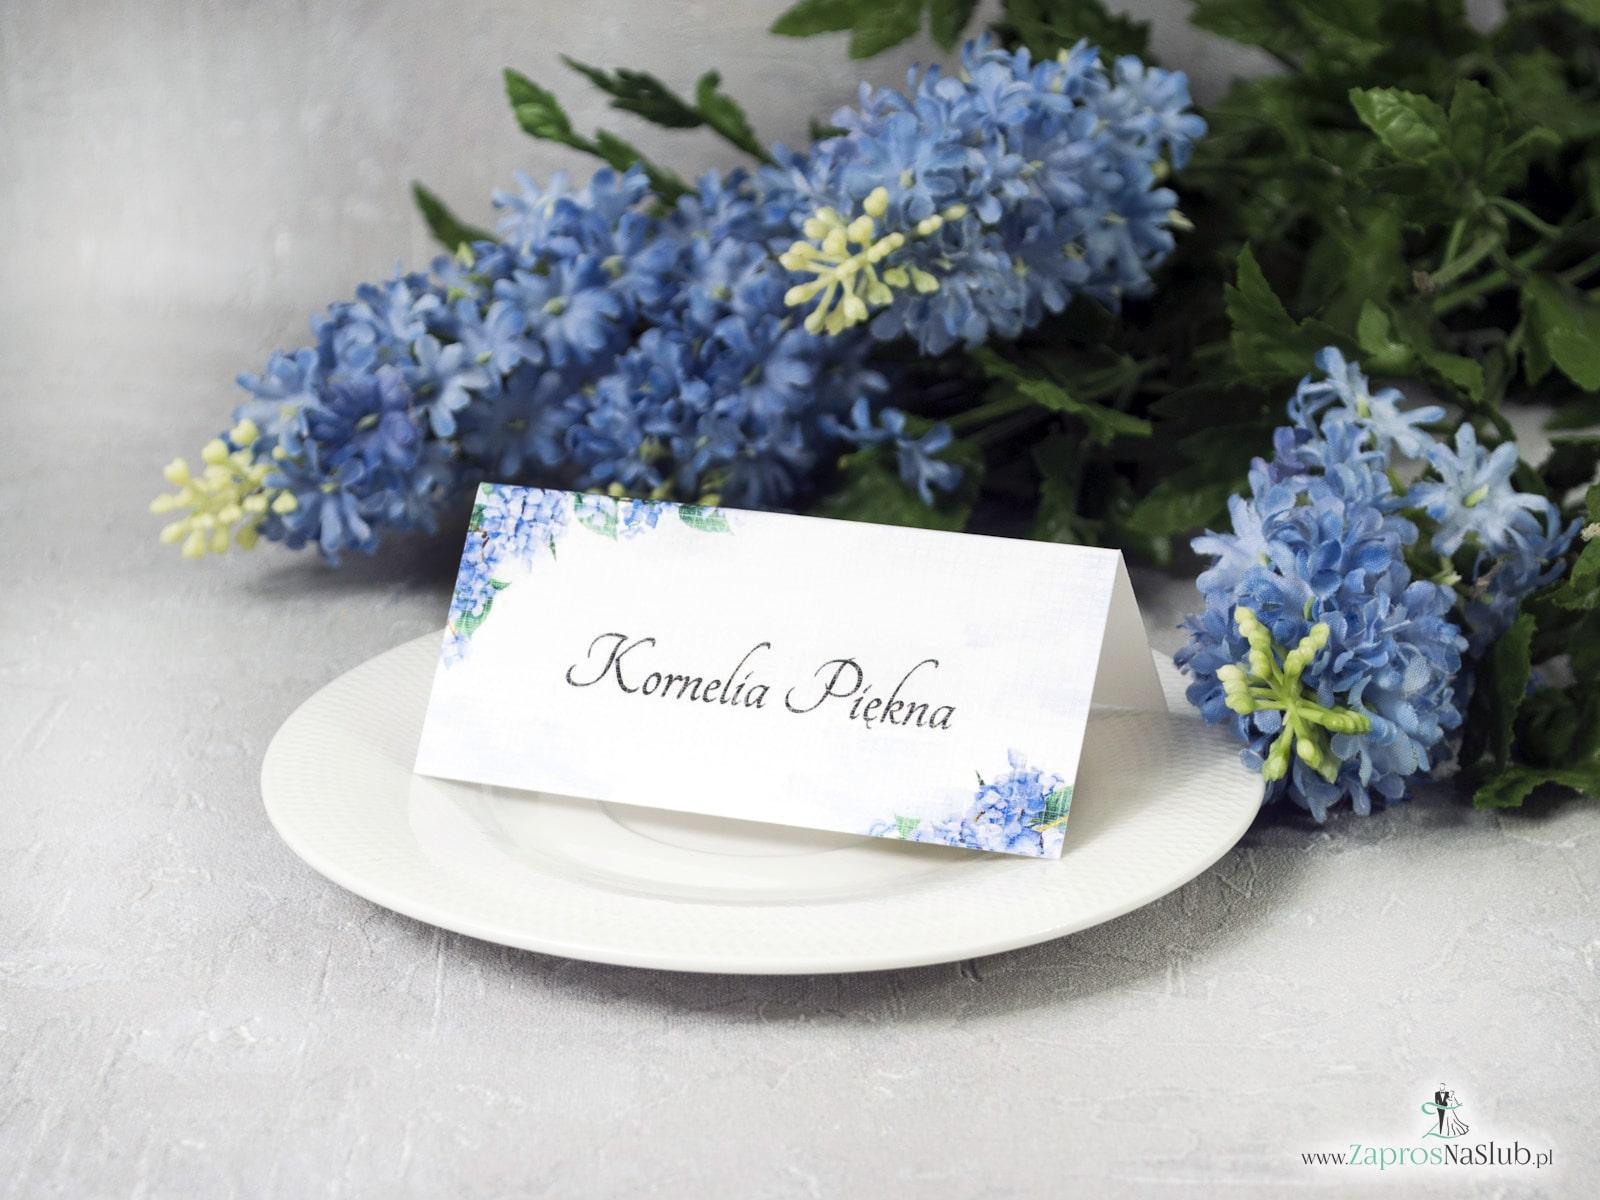 Winietka z kwiatami hortensji. WIN-41-11